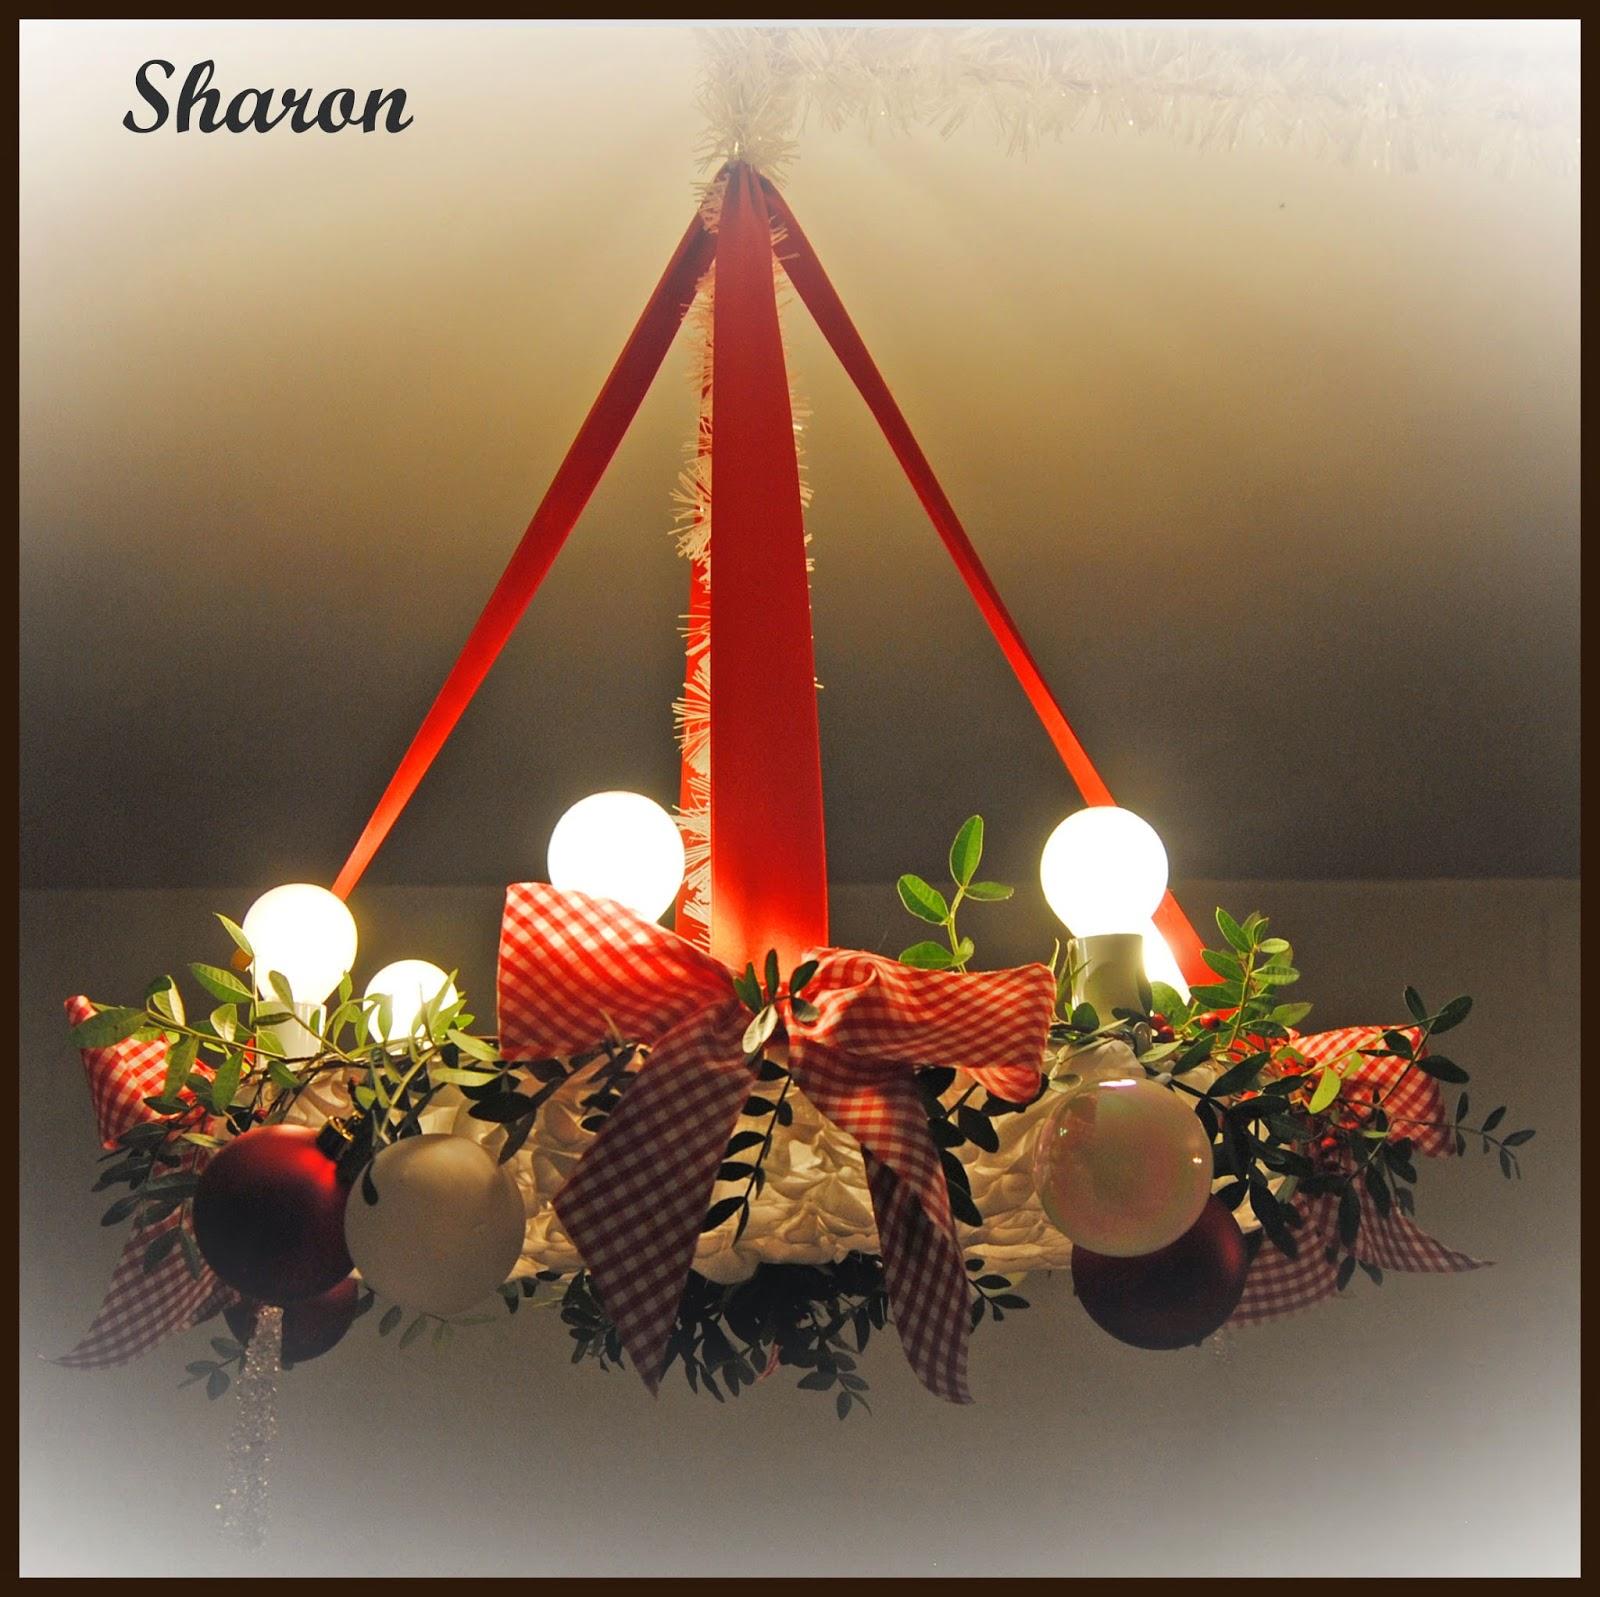 Las manualidades de sharon l mpara para decoraci n navide a - Lamparas de decoracion ...